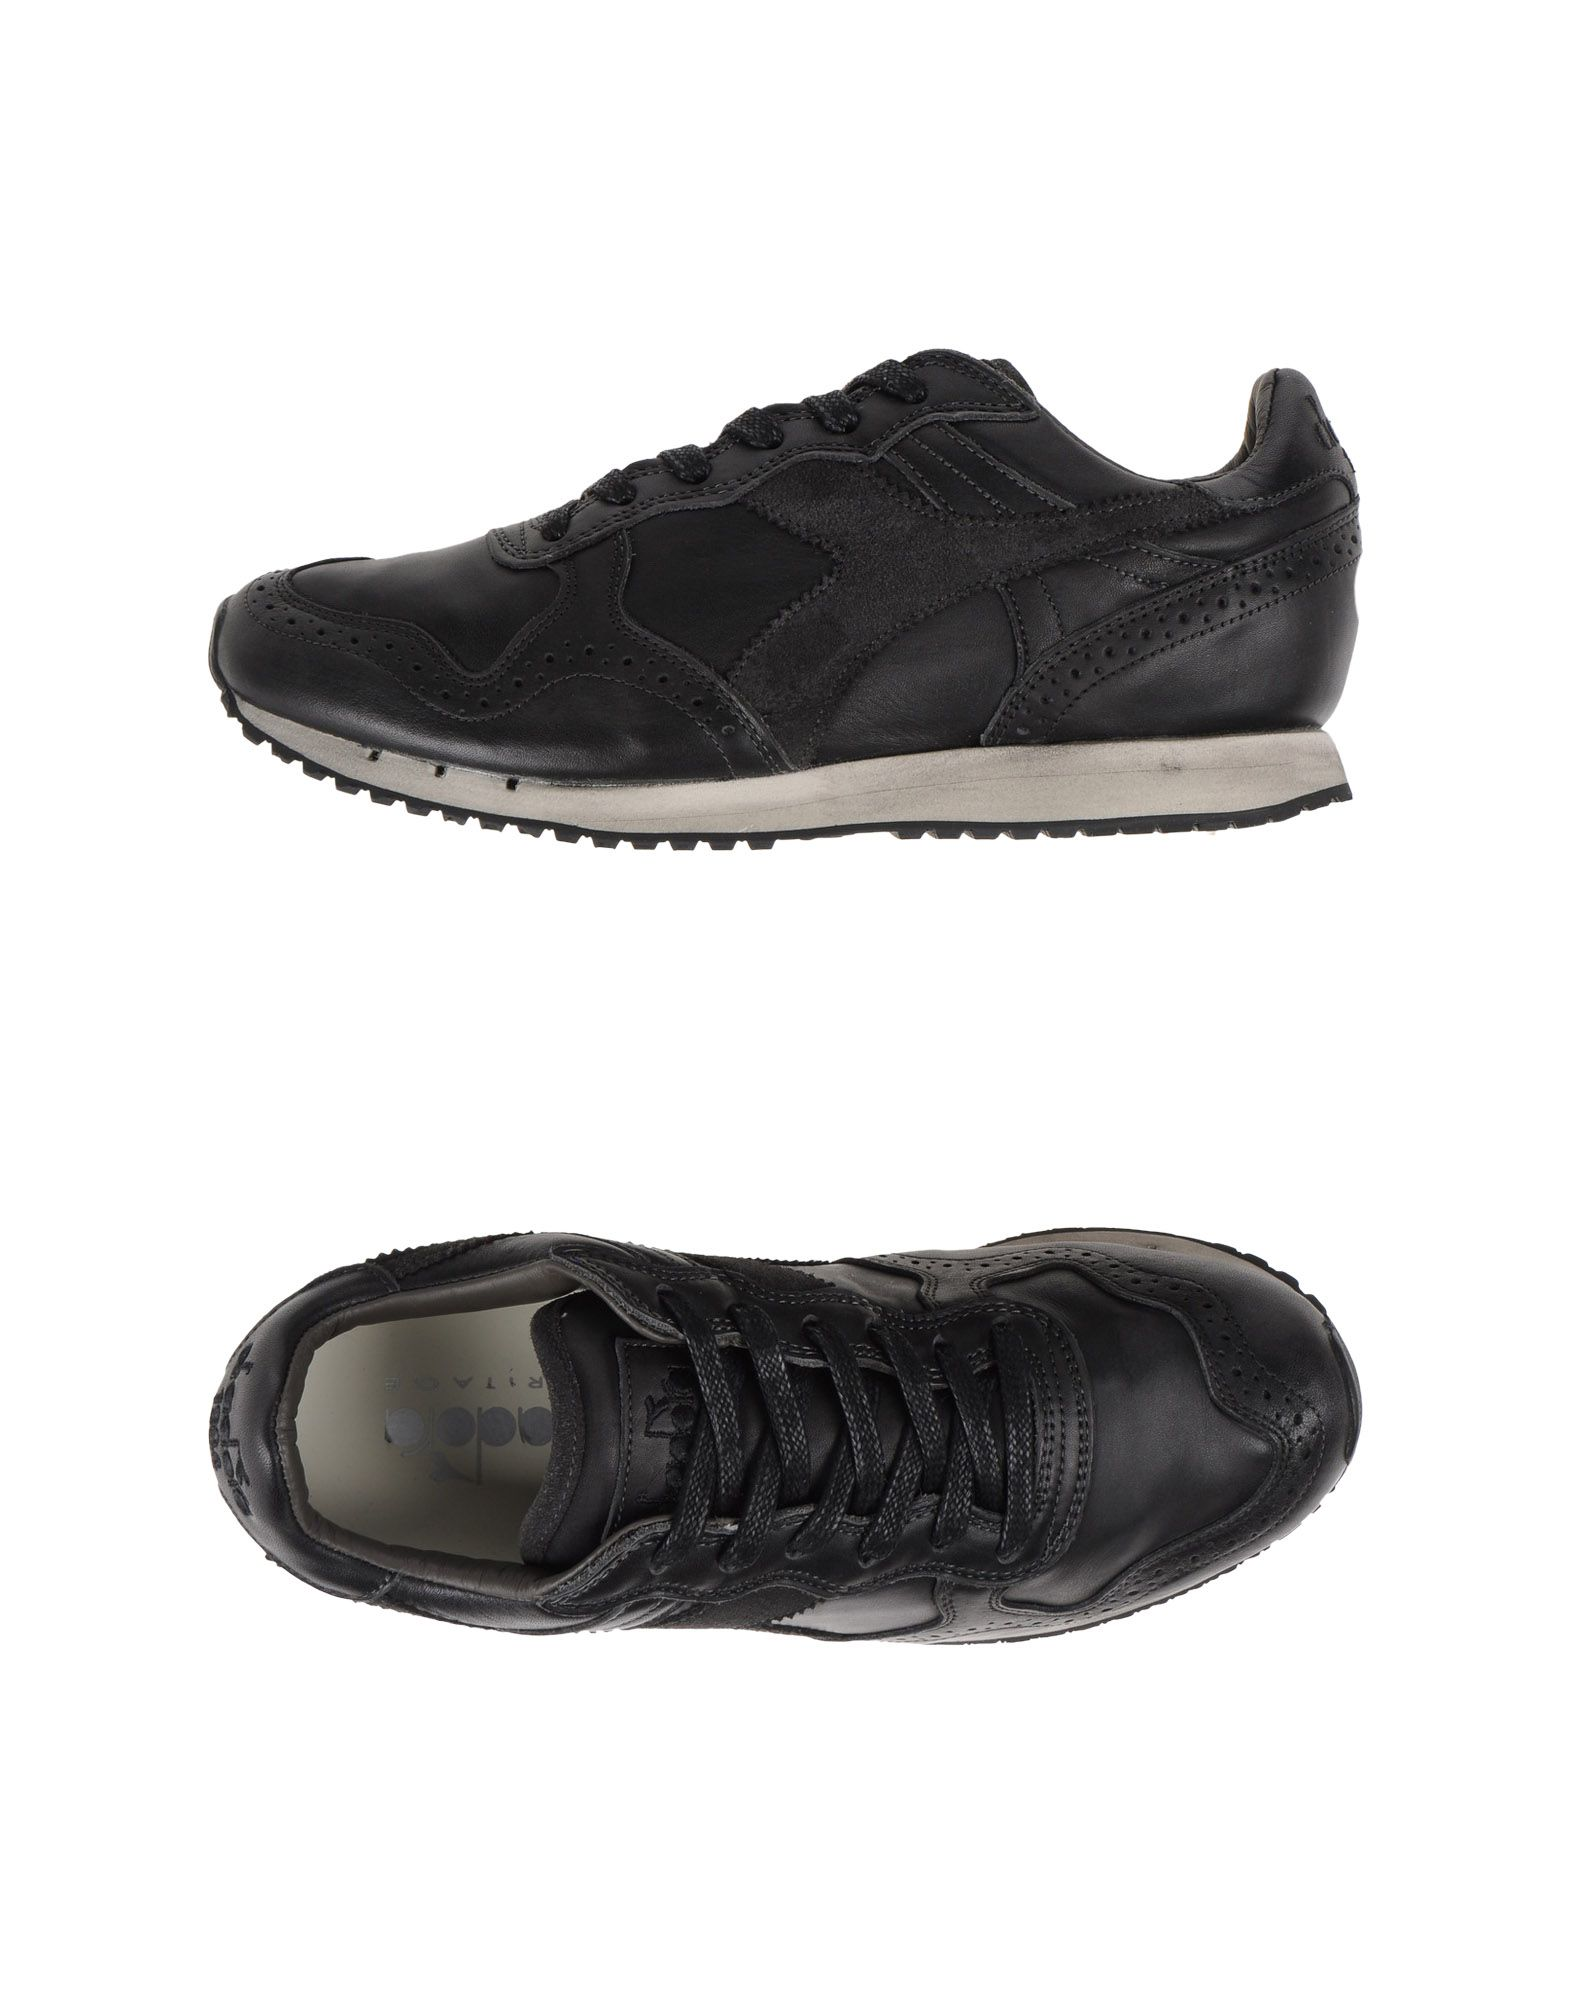 Sneakers Diadora Heritage Trident Brogue - Uomo - Acquista online su